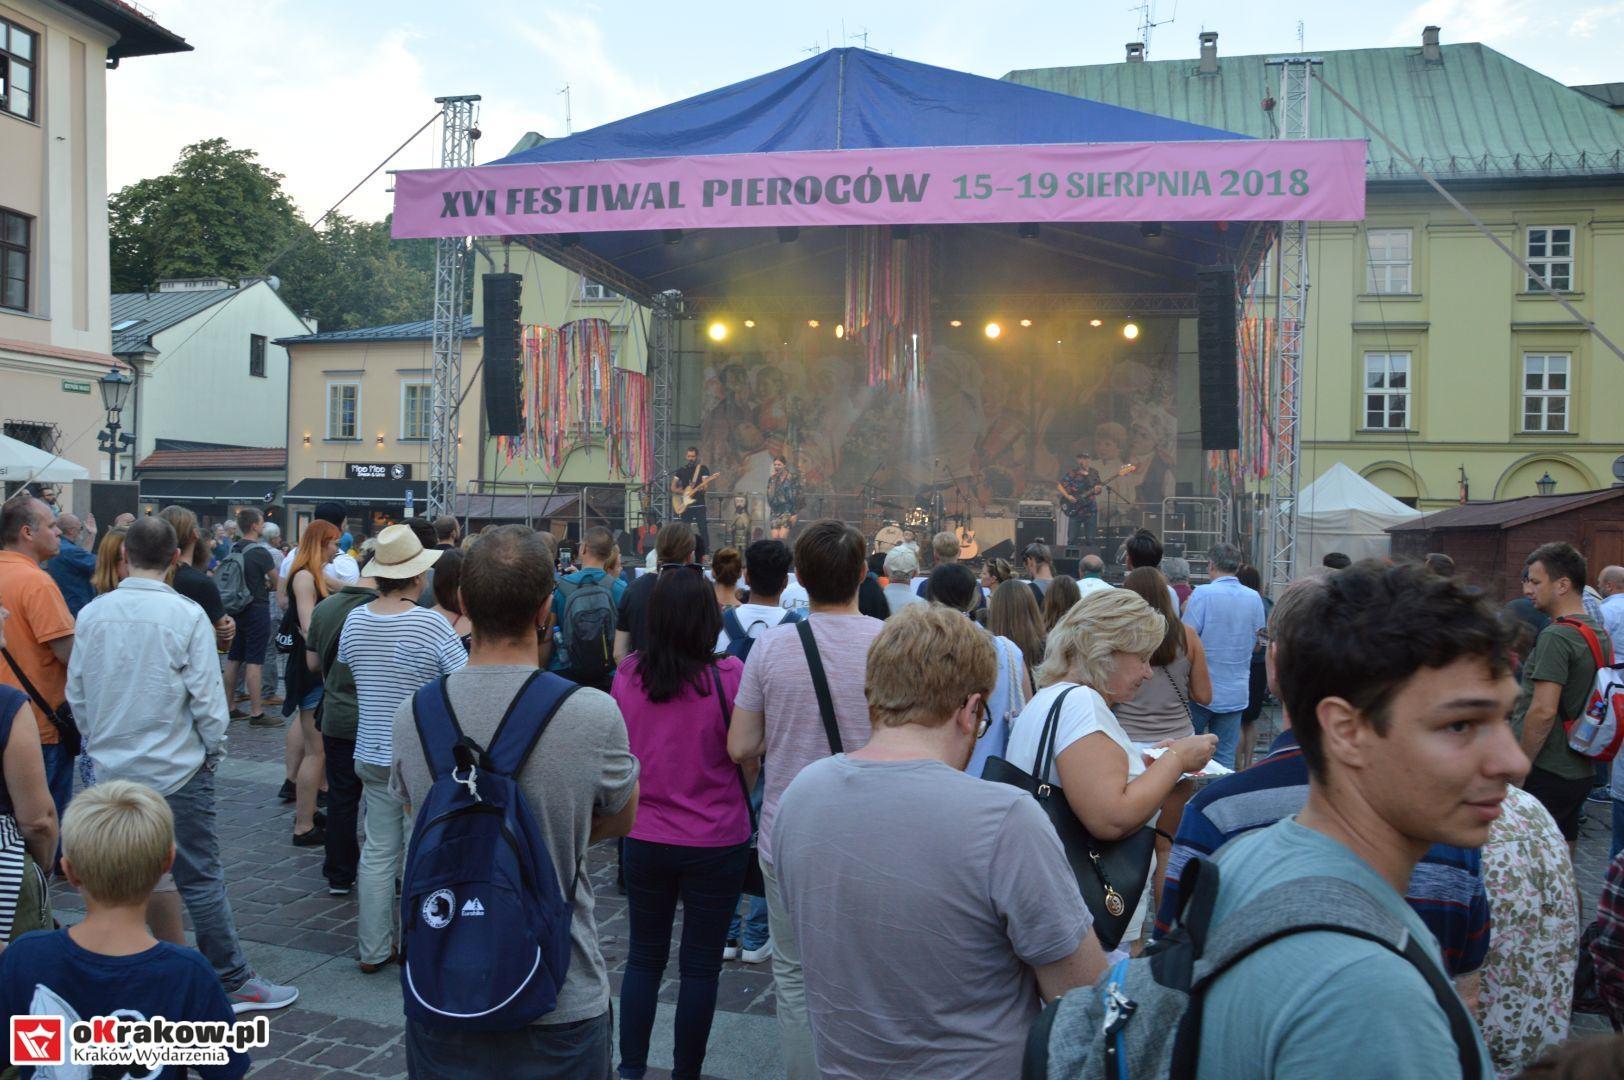 krakow festiwal pierogow maly rynek koncert cheap tobacco 143 150x150 - Galeria zdjęć Festiwal Pierogów Kraków 2018 + zdjęcia z koncertu Cheap Tobacco